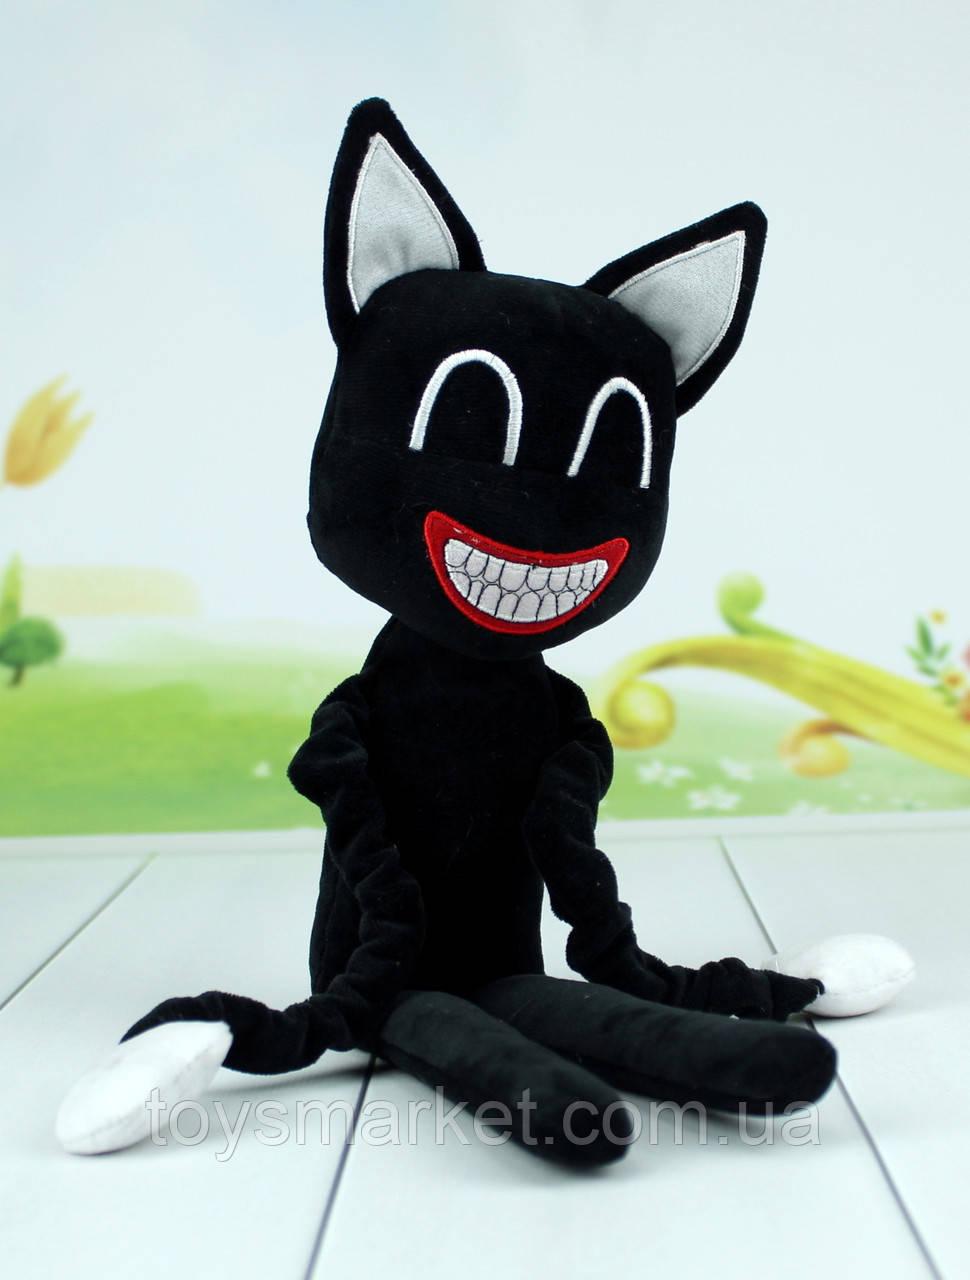 М'яка іграшка кіт сиреноголовый, картун кет.